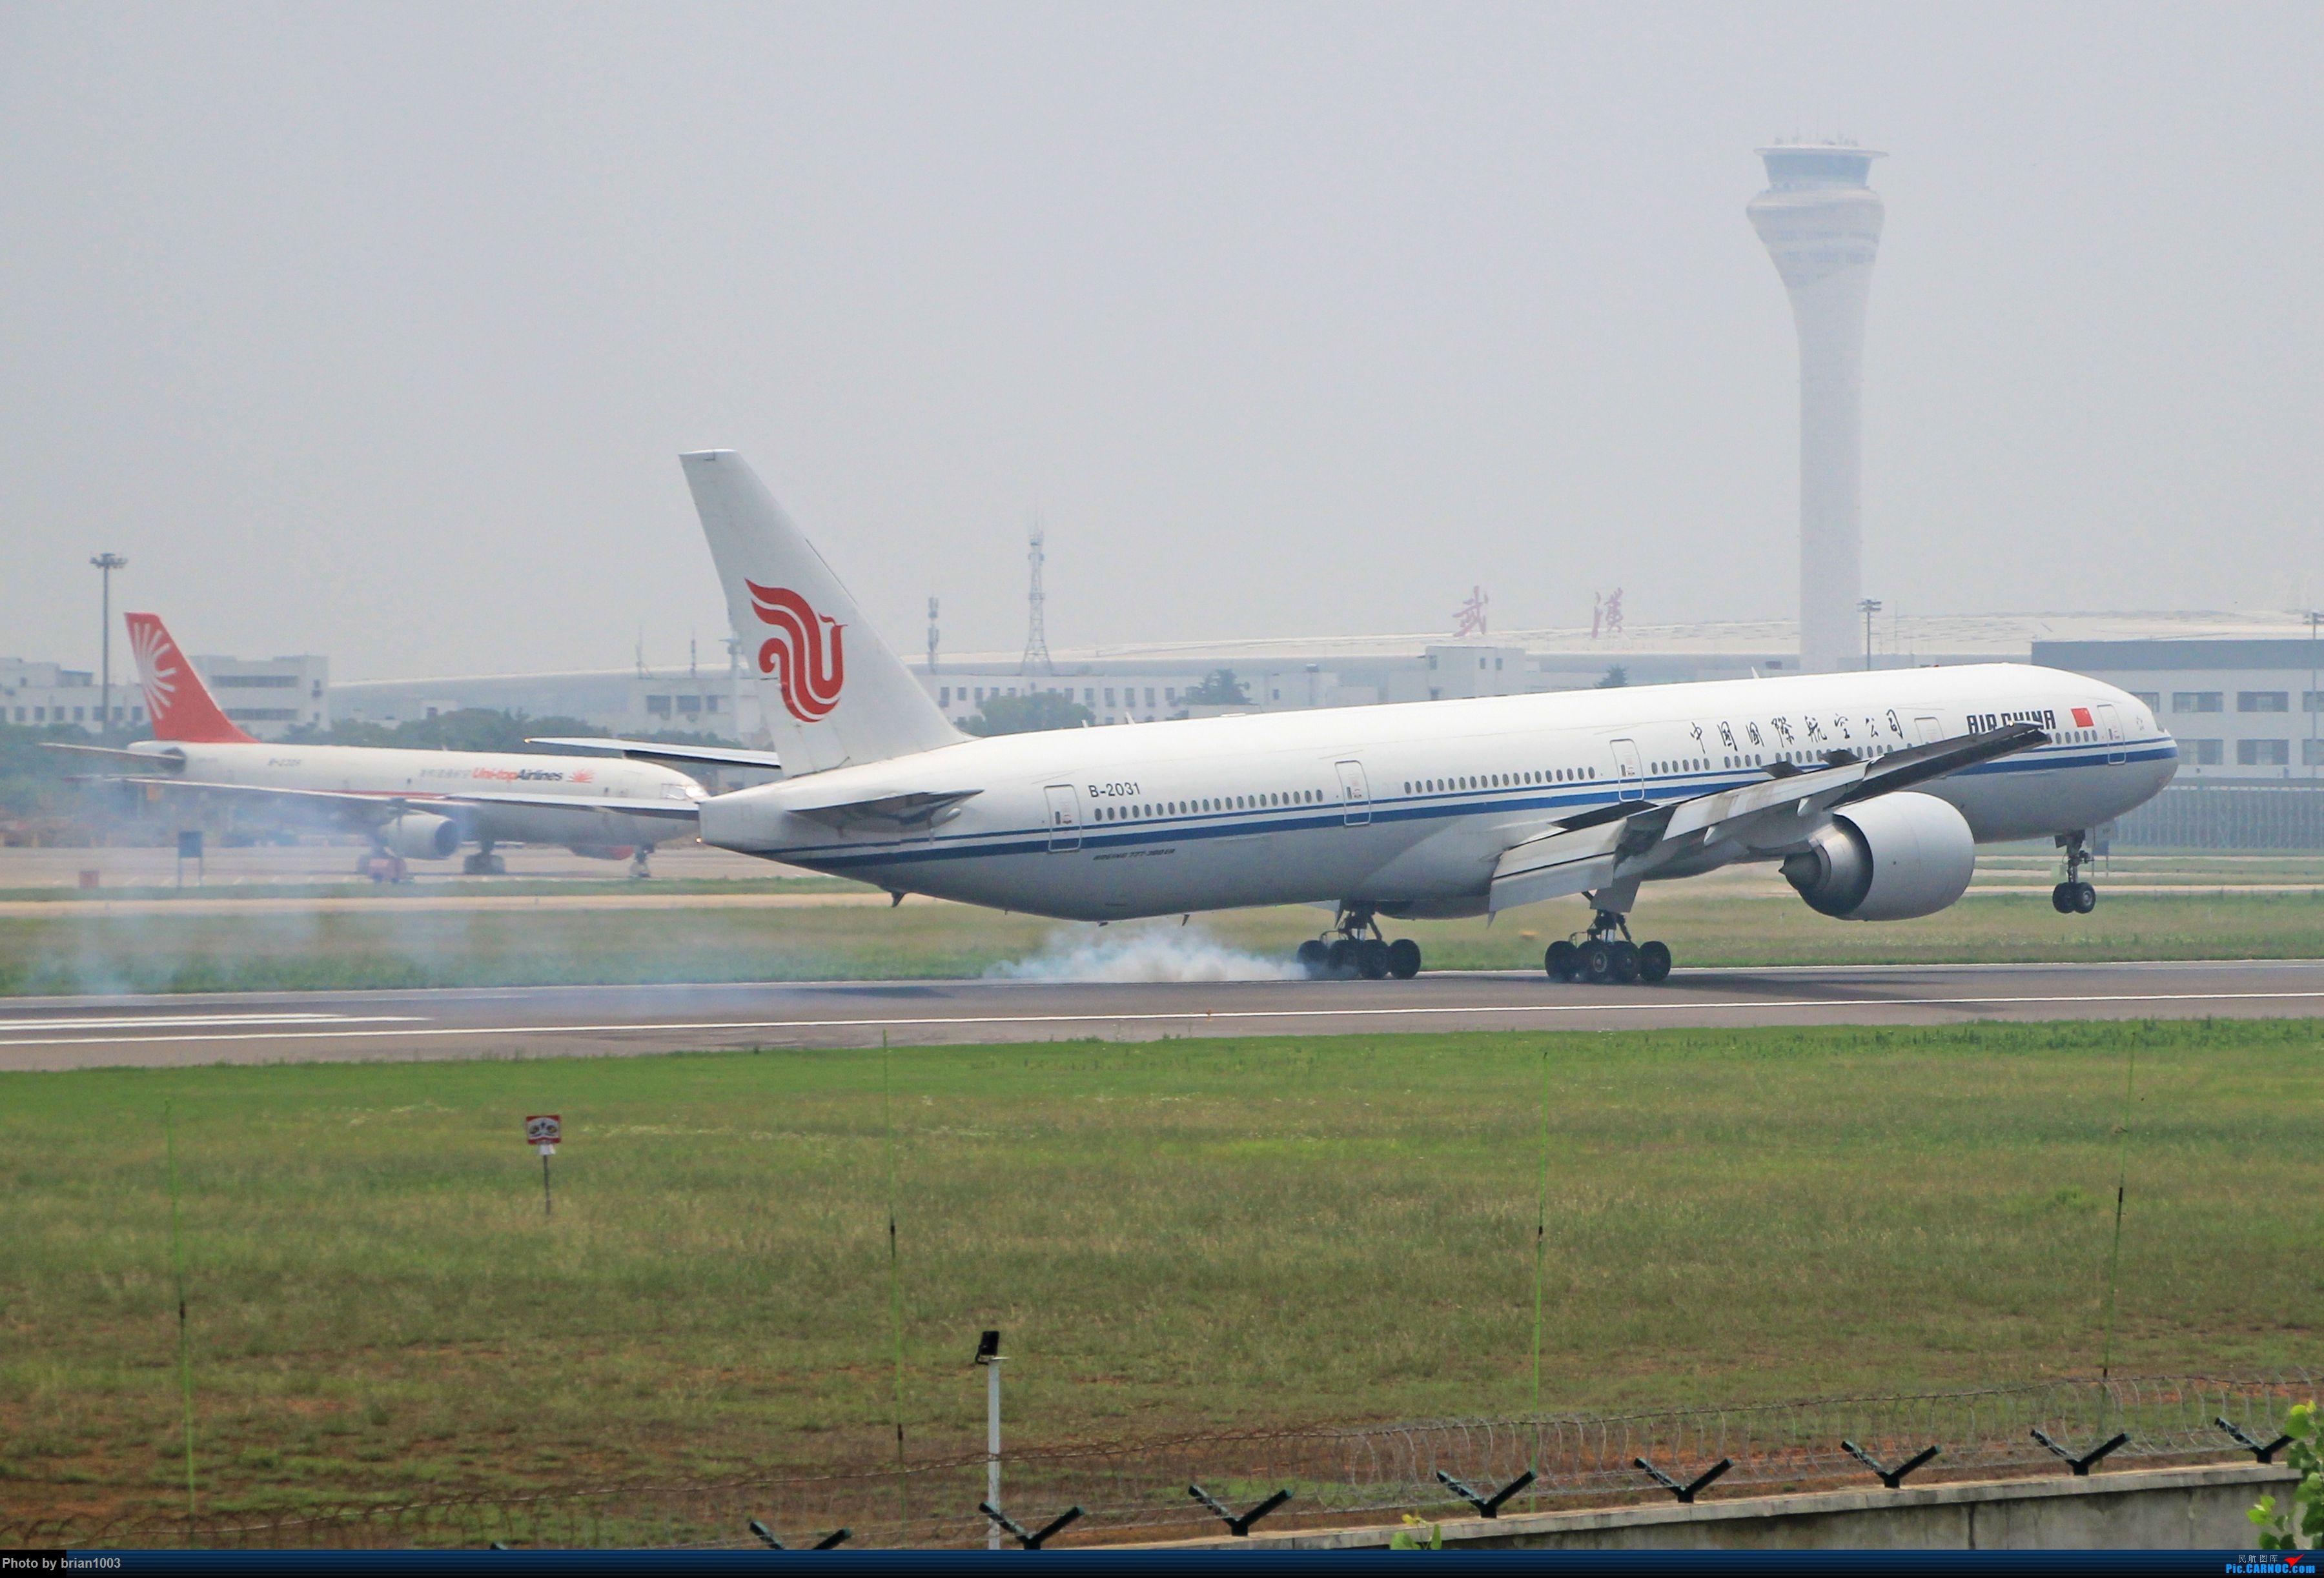 Re:[原创]WUH天河机场拍机之六月还有啥(X7家744F、天津大韩港龙333、巴基斯坦772、B6419、ER-BBJ 74F、某菊塞斯纳、俄航77W) BOEING 777-300ER B-2031 中国武汉天河国际机场